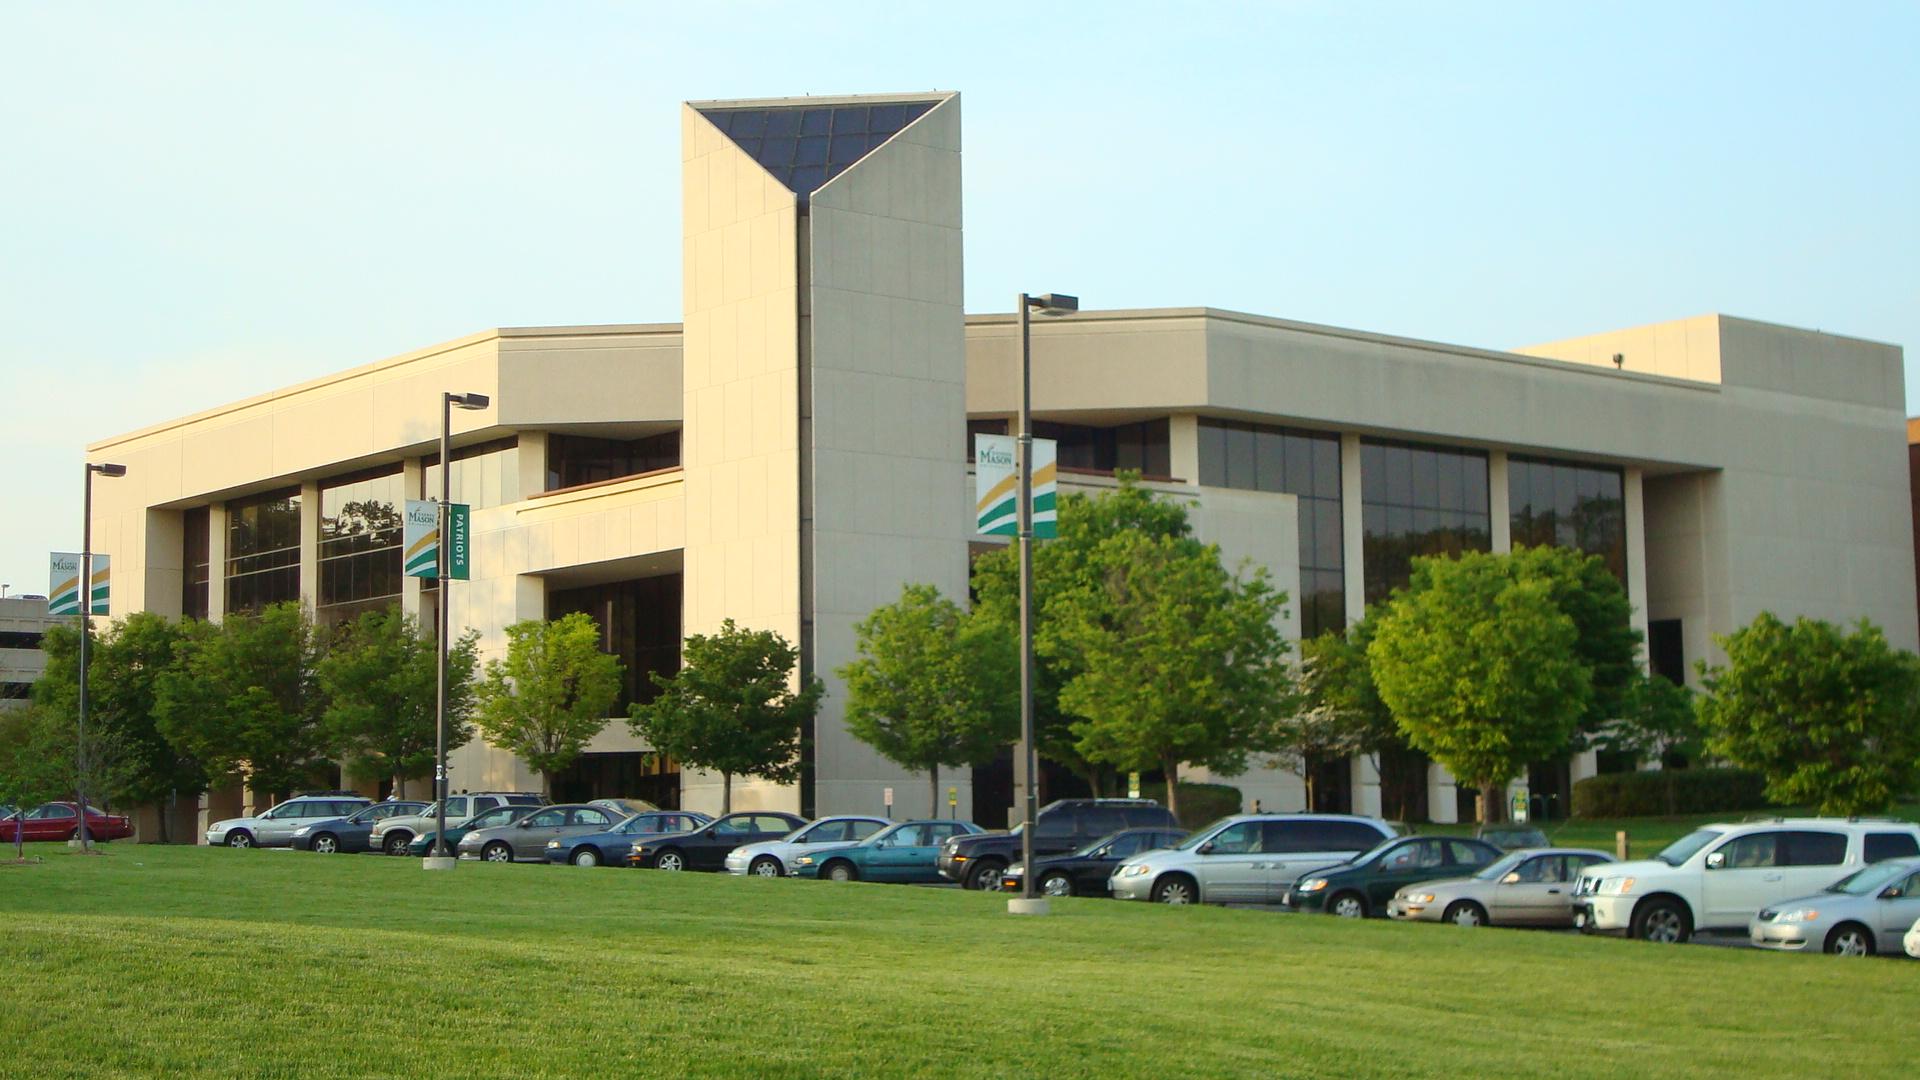 image of George Mason University